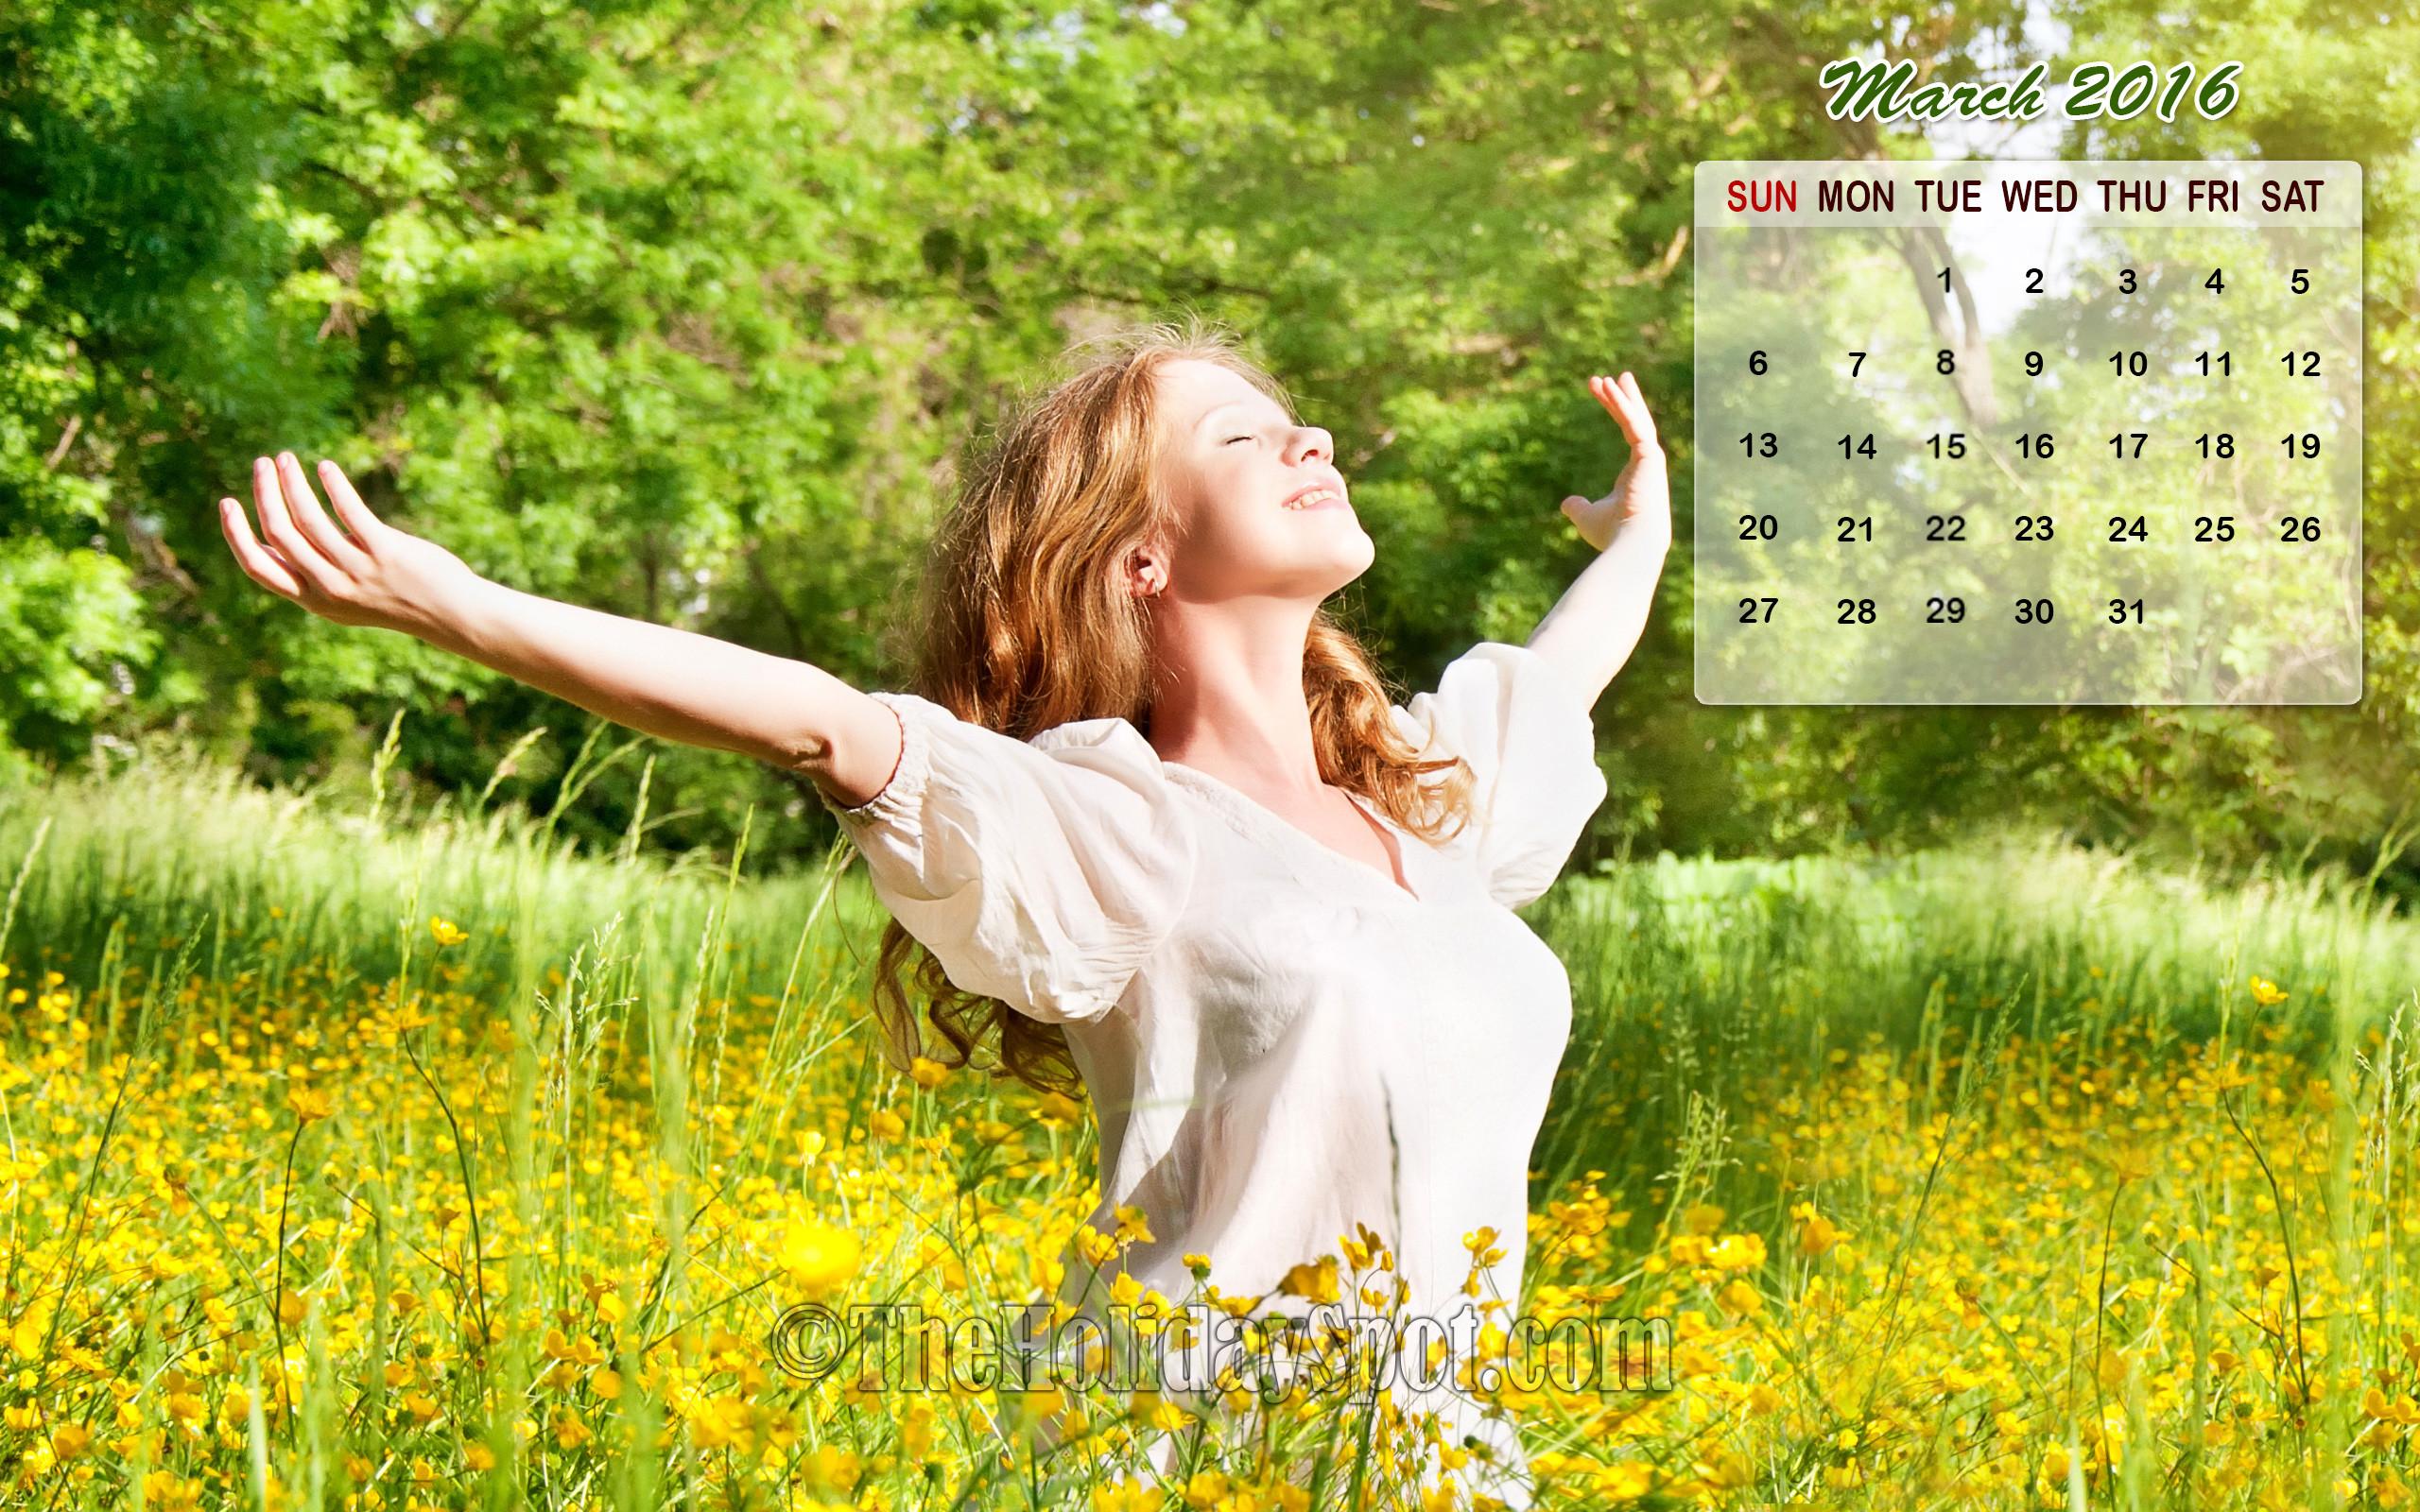 Res: 2560x1600, march calendar wallpaper 2016jpg